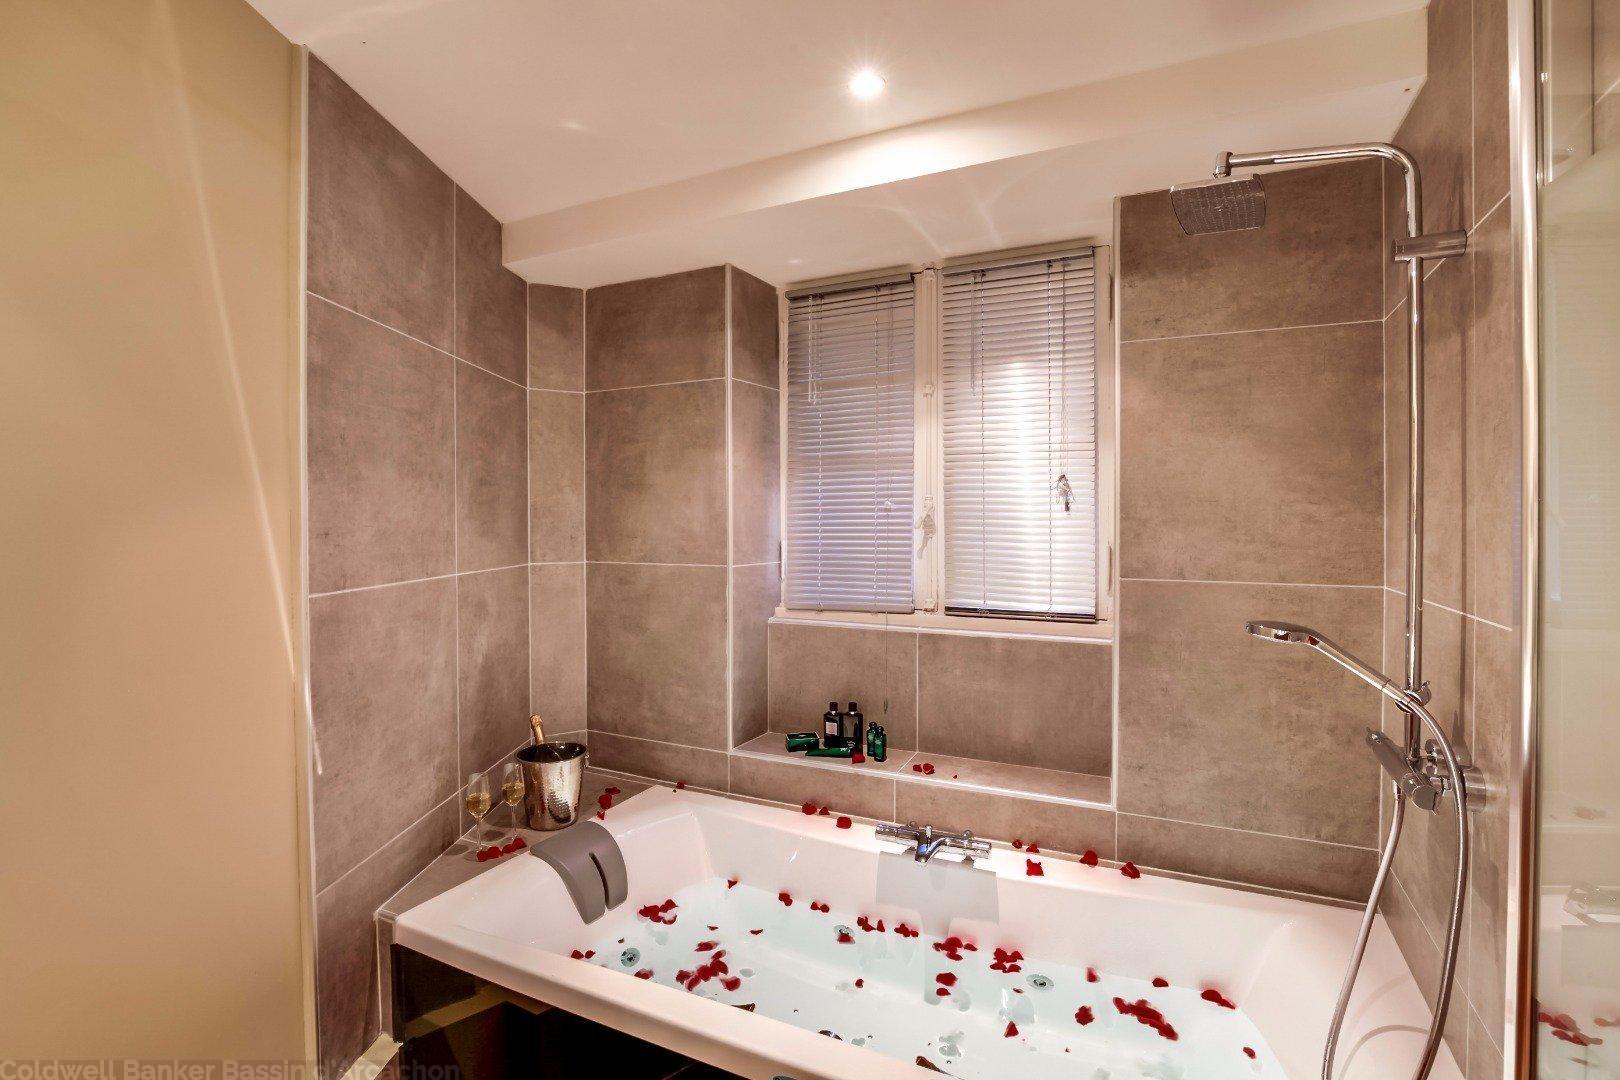 biens immobiliers de luxe en vente sur Bordeaux